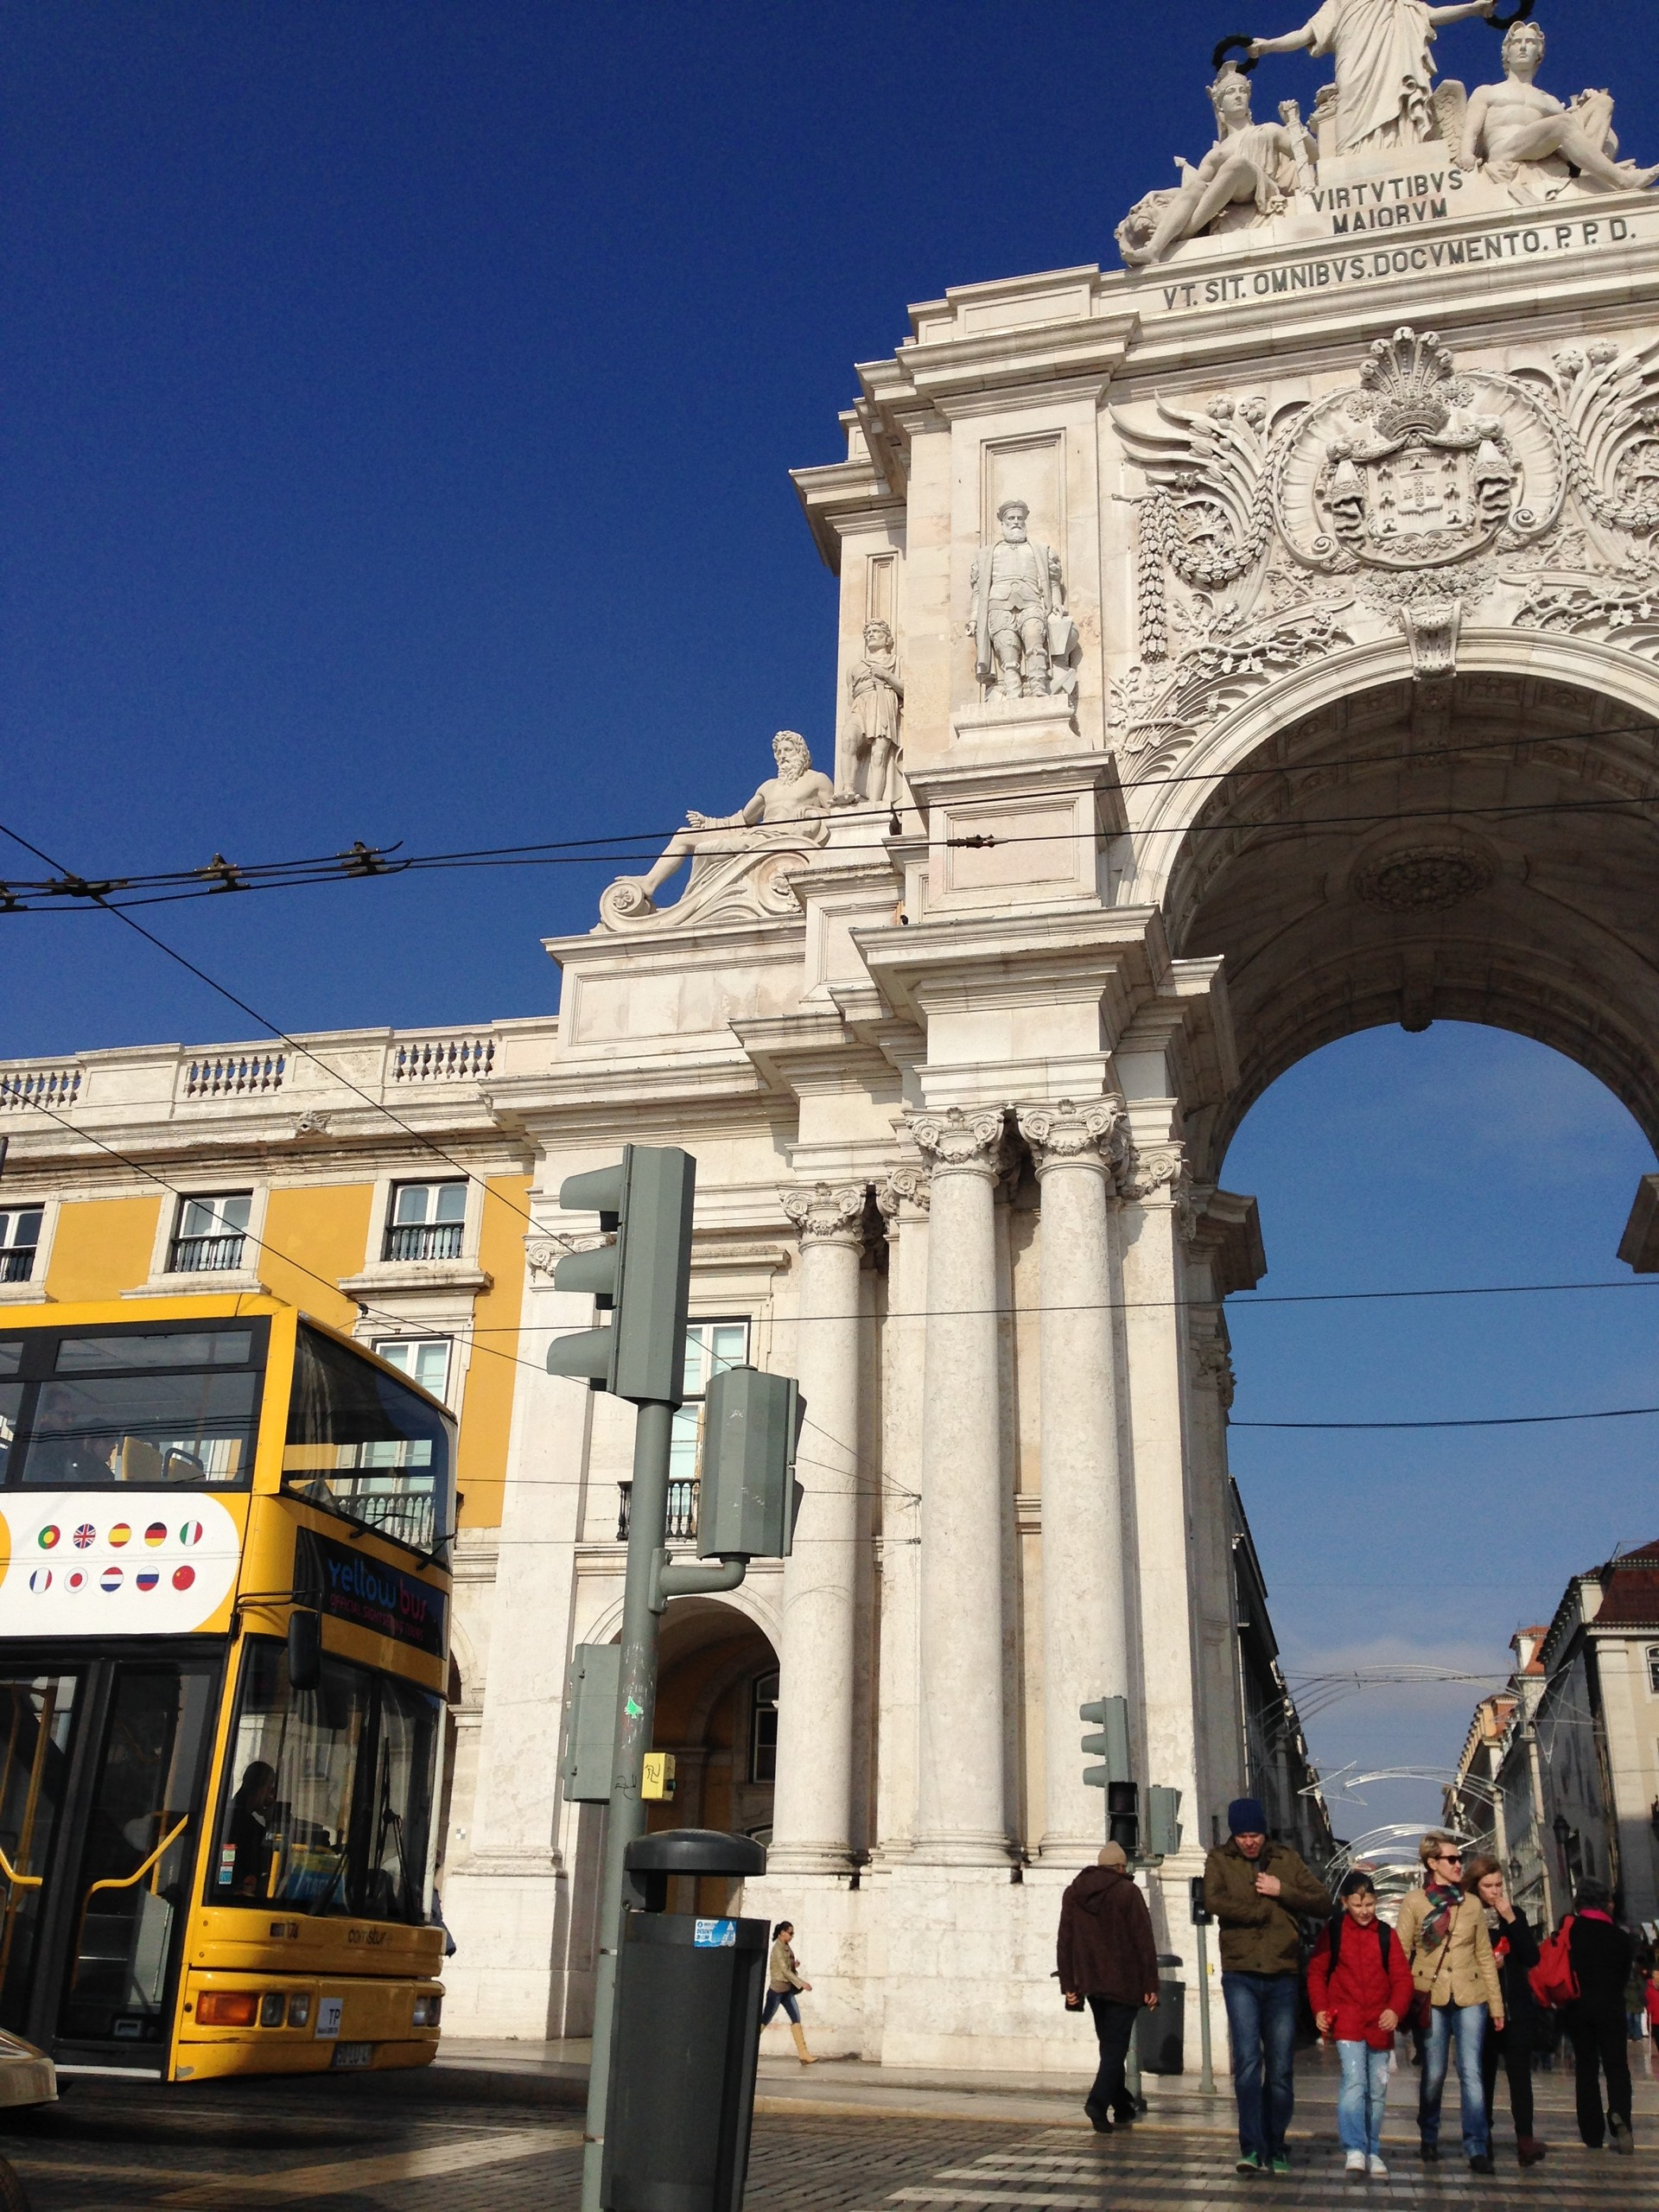 lisbonz-dintorni-piazza-commercio-2dfe85